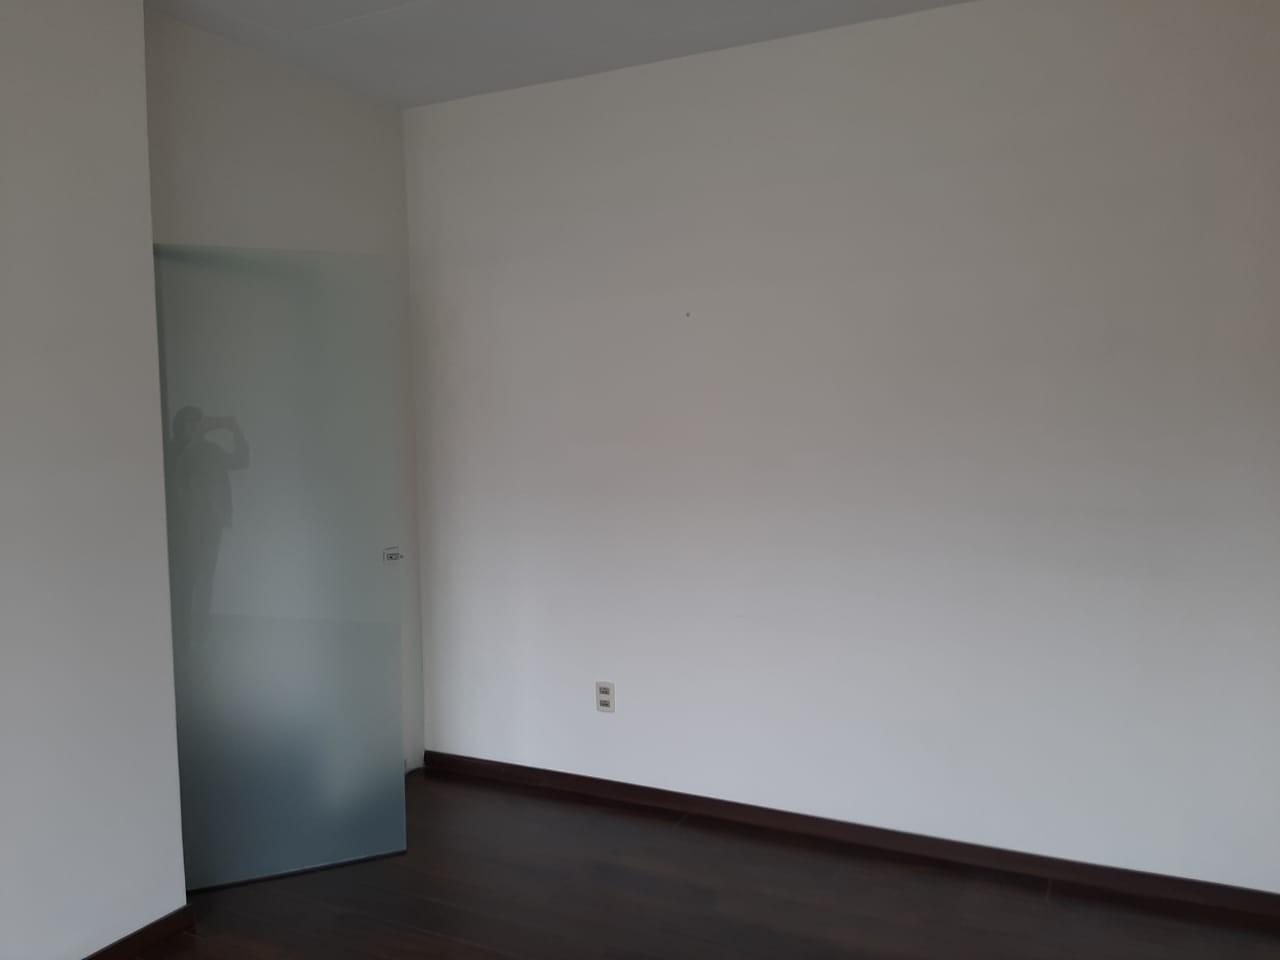 Oficina en Alquiler Av. Hernando Siles, entre la calle 3 y 4.  Edificio Titanium Piso 4. Foto 4